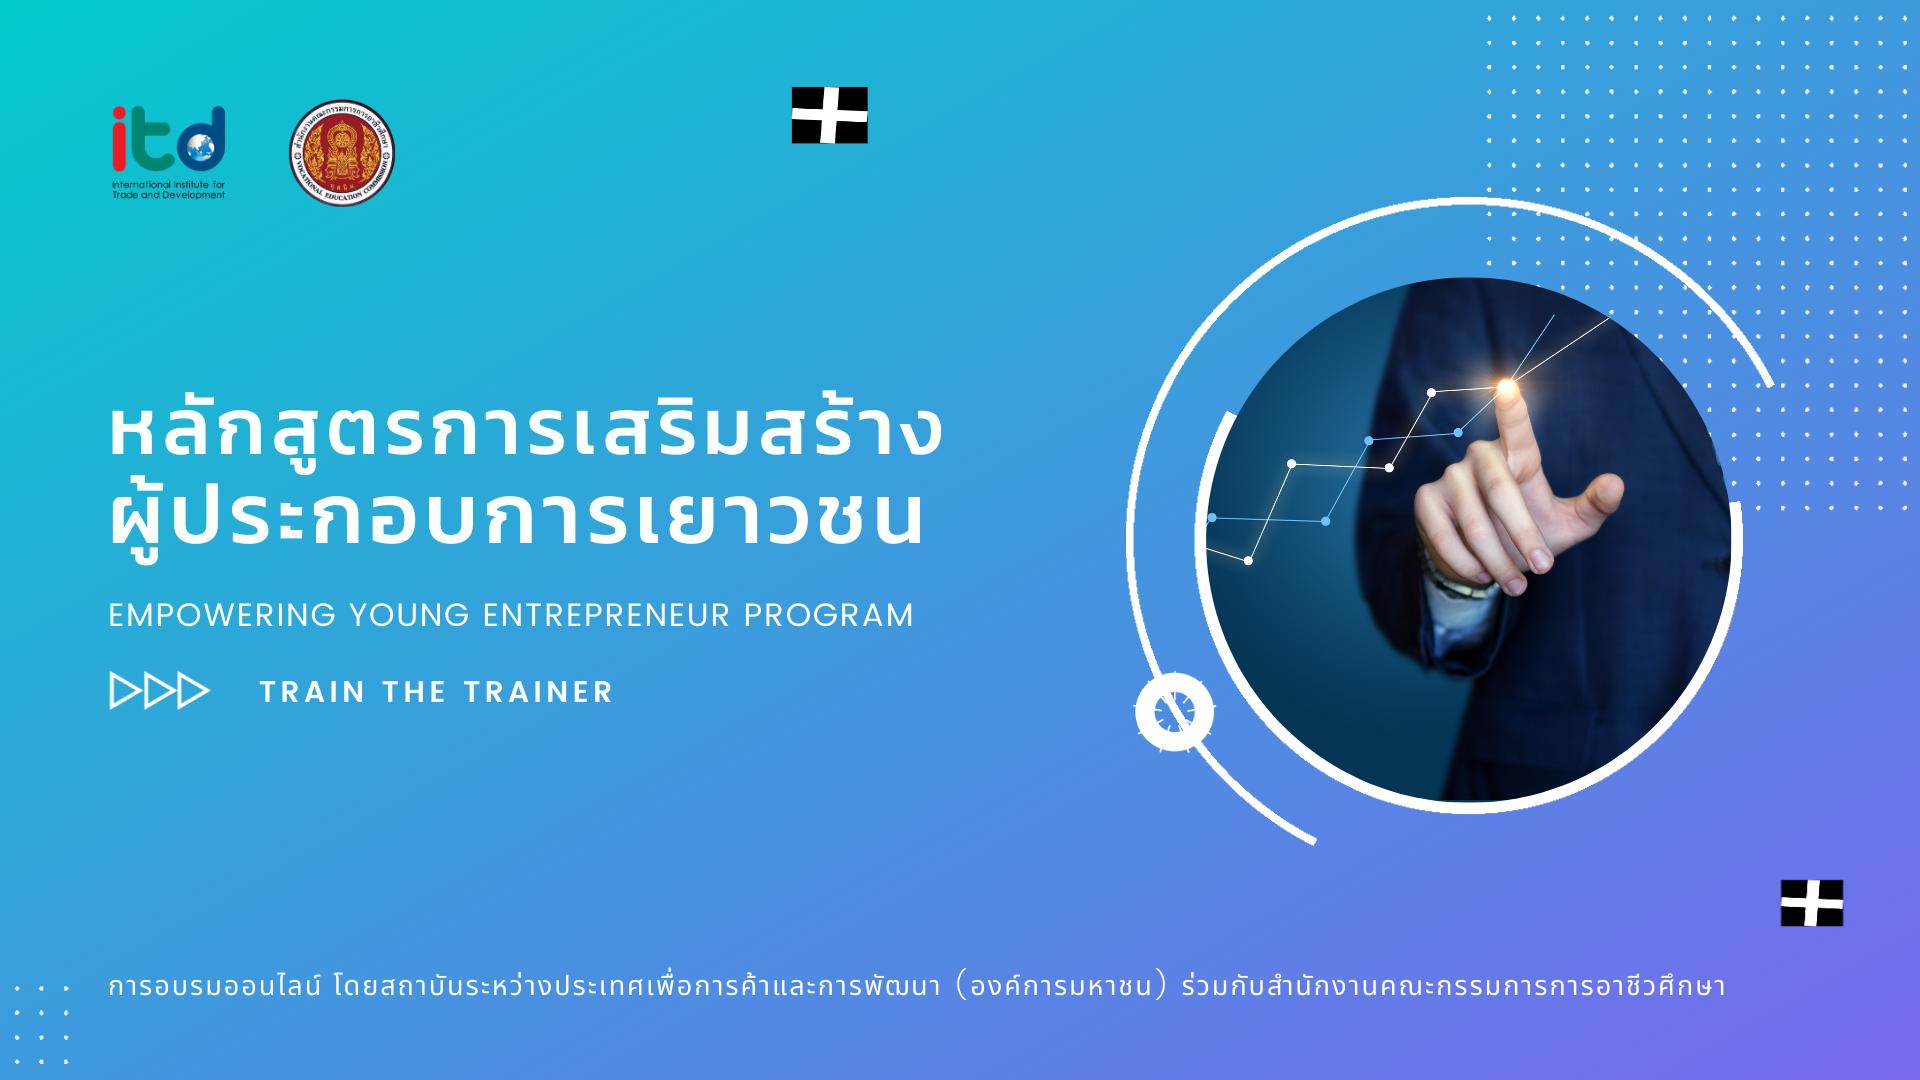 """การฝึกอบรมเชิงปฏิบัติการ  หลักสูตร """"การเสริมสร้างผู้ประกอบการเยาวชน  Empowering Young Entrepreneur Program (Train the Trainer)"""""""